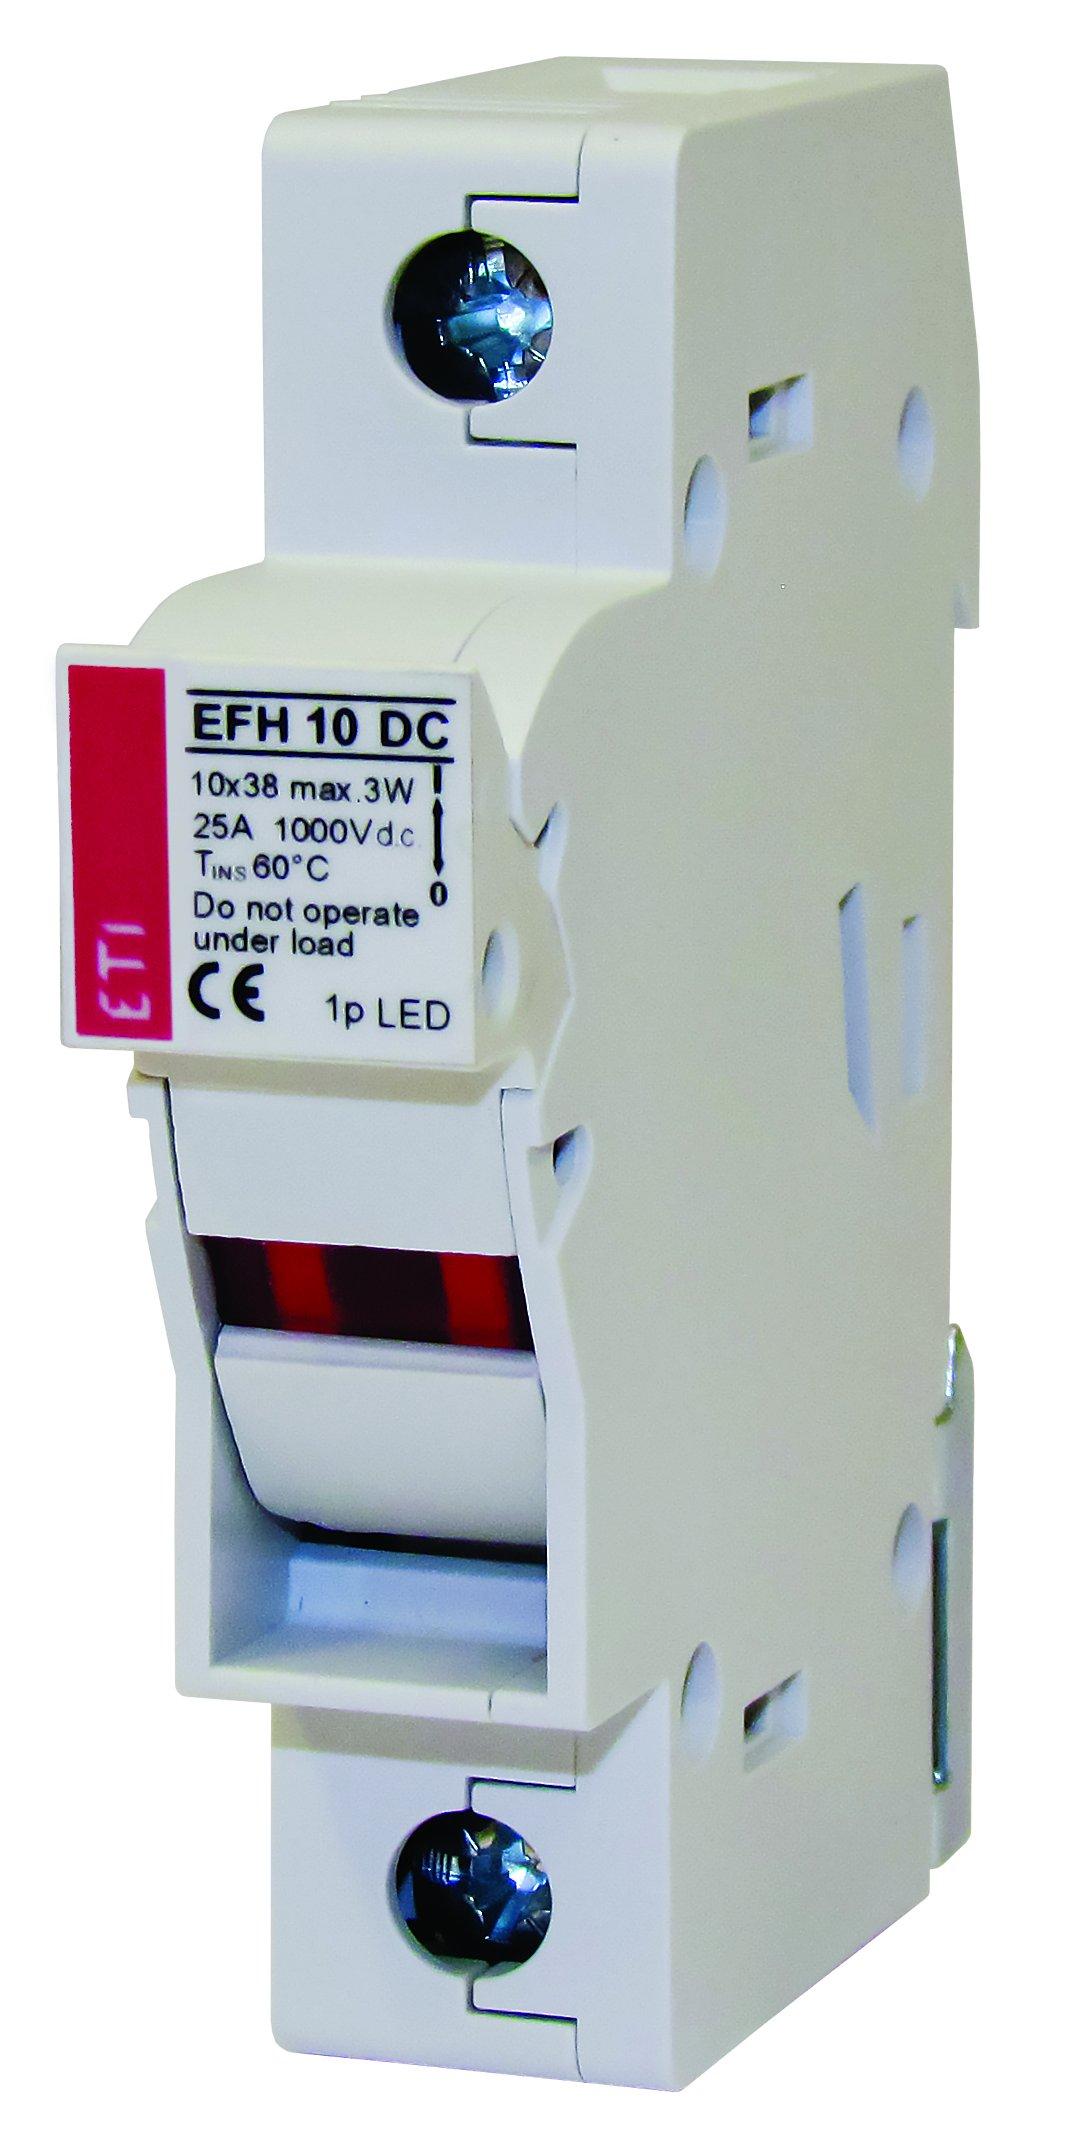 Podstawy bezpiecznikowe EFH 10 DC, EFH 14 DC